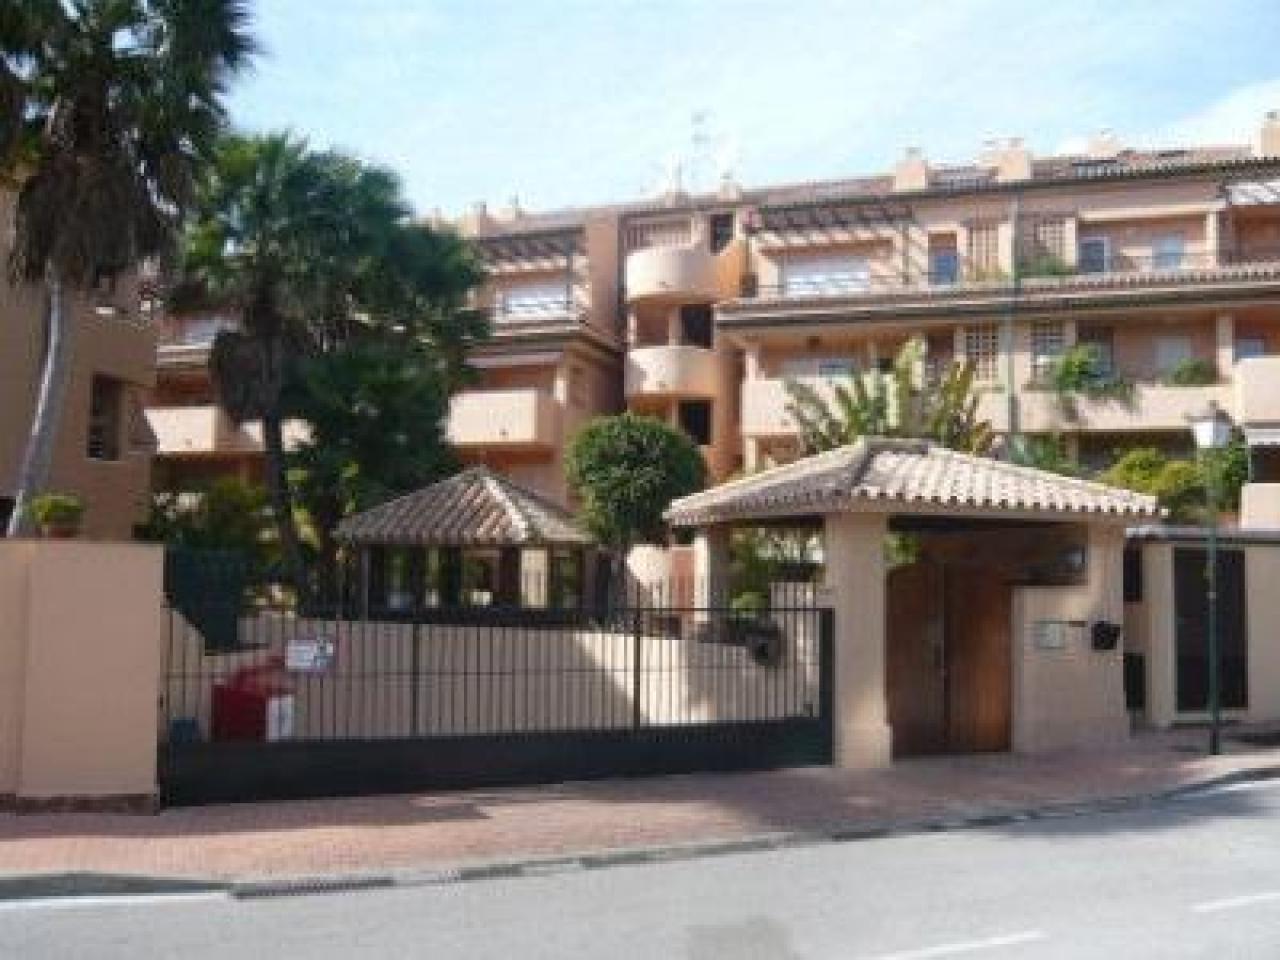 Casas vacacionales Marbella, Málaga